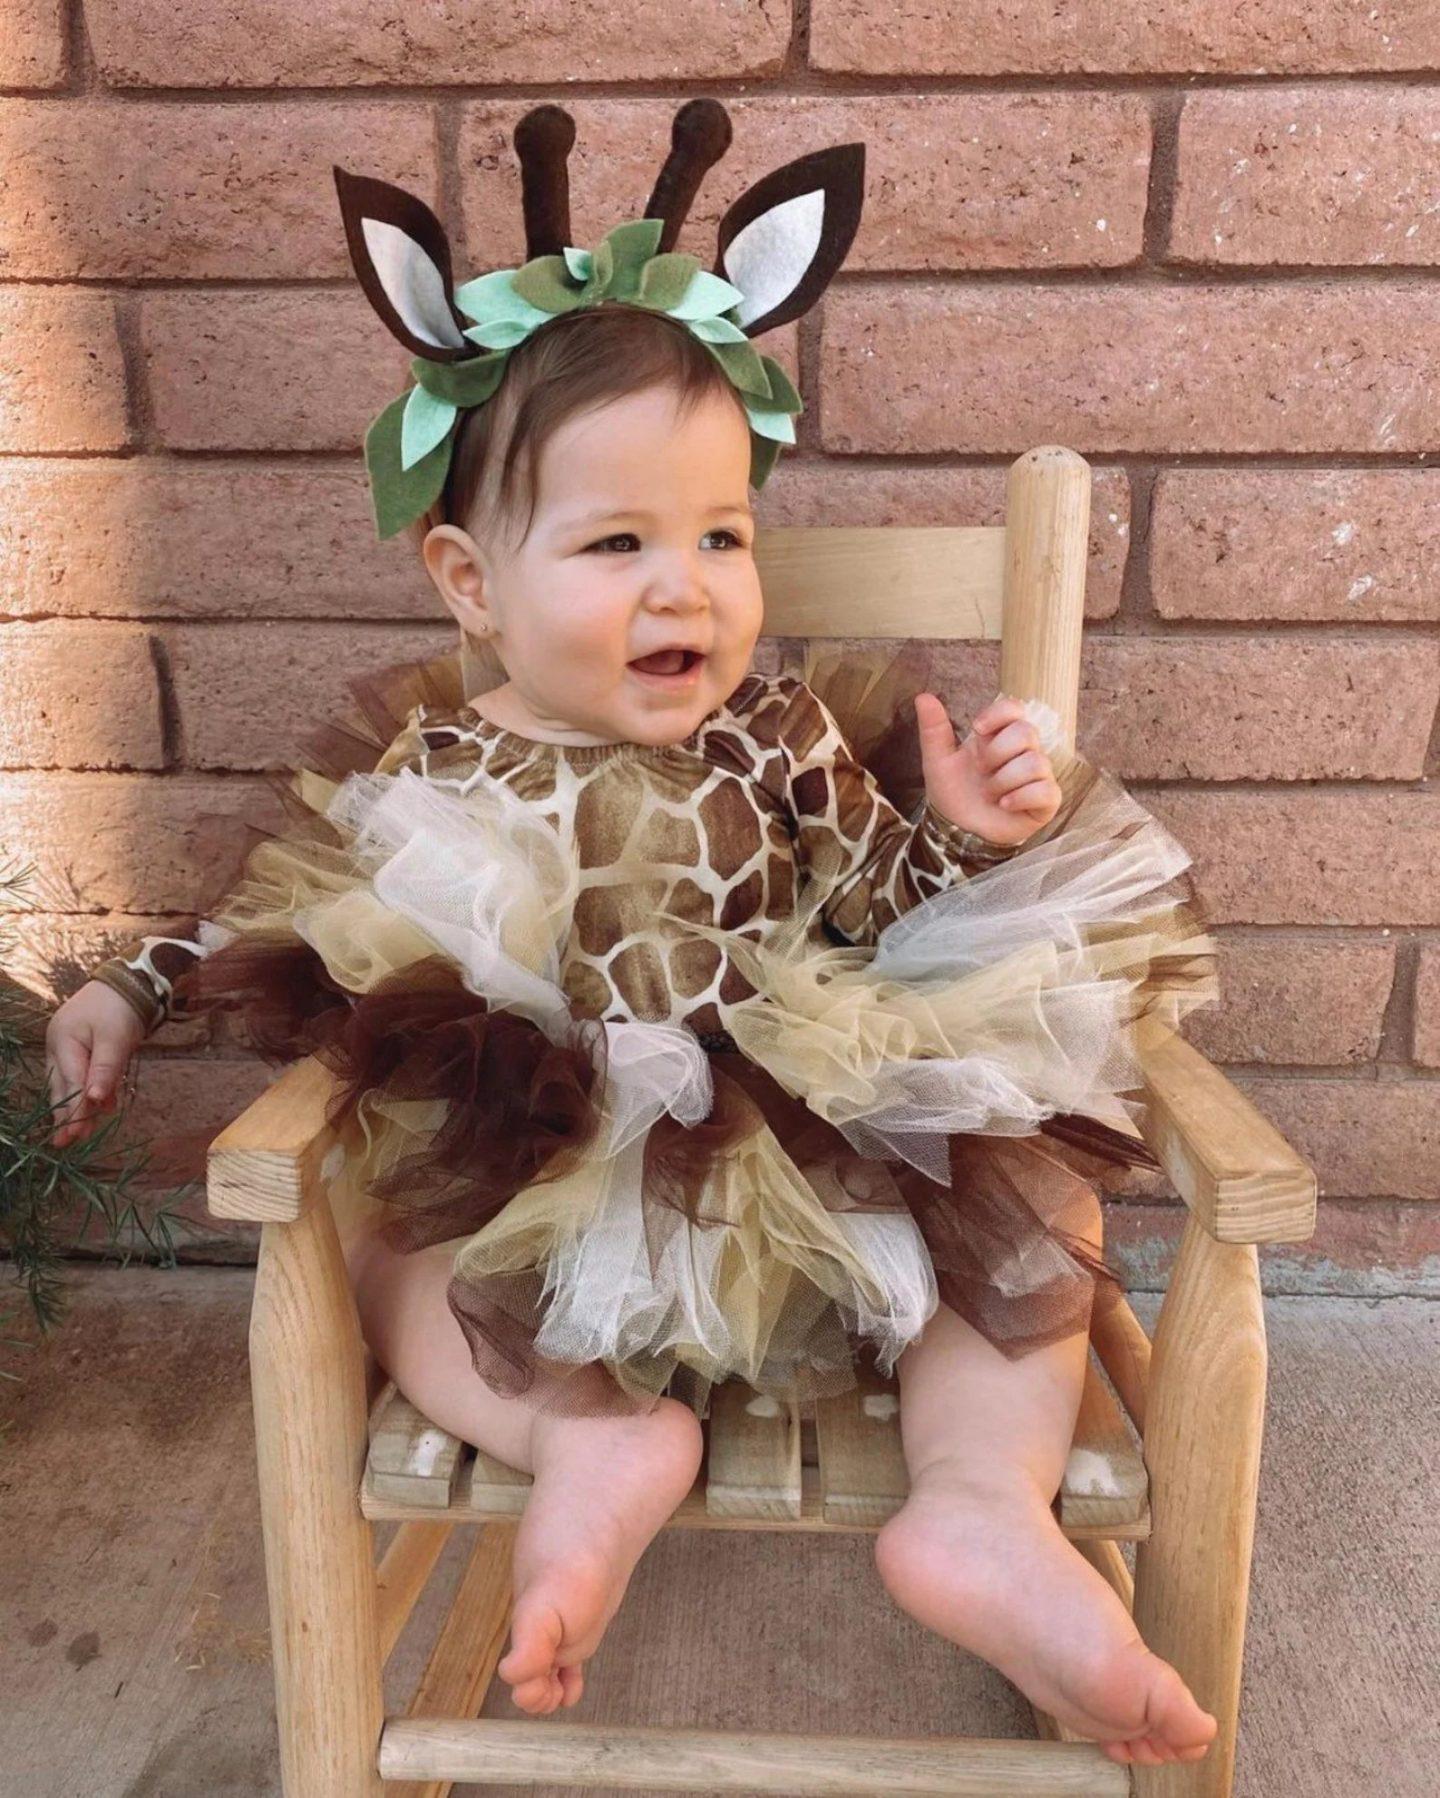 Baby giraffe Halloween costume for toddler